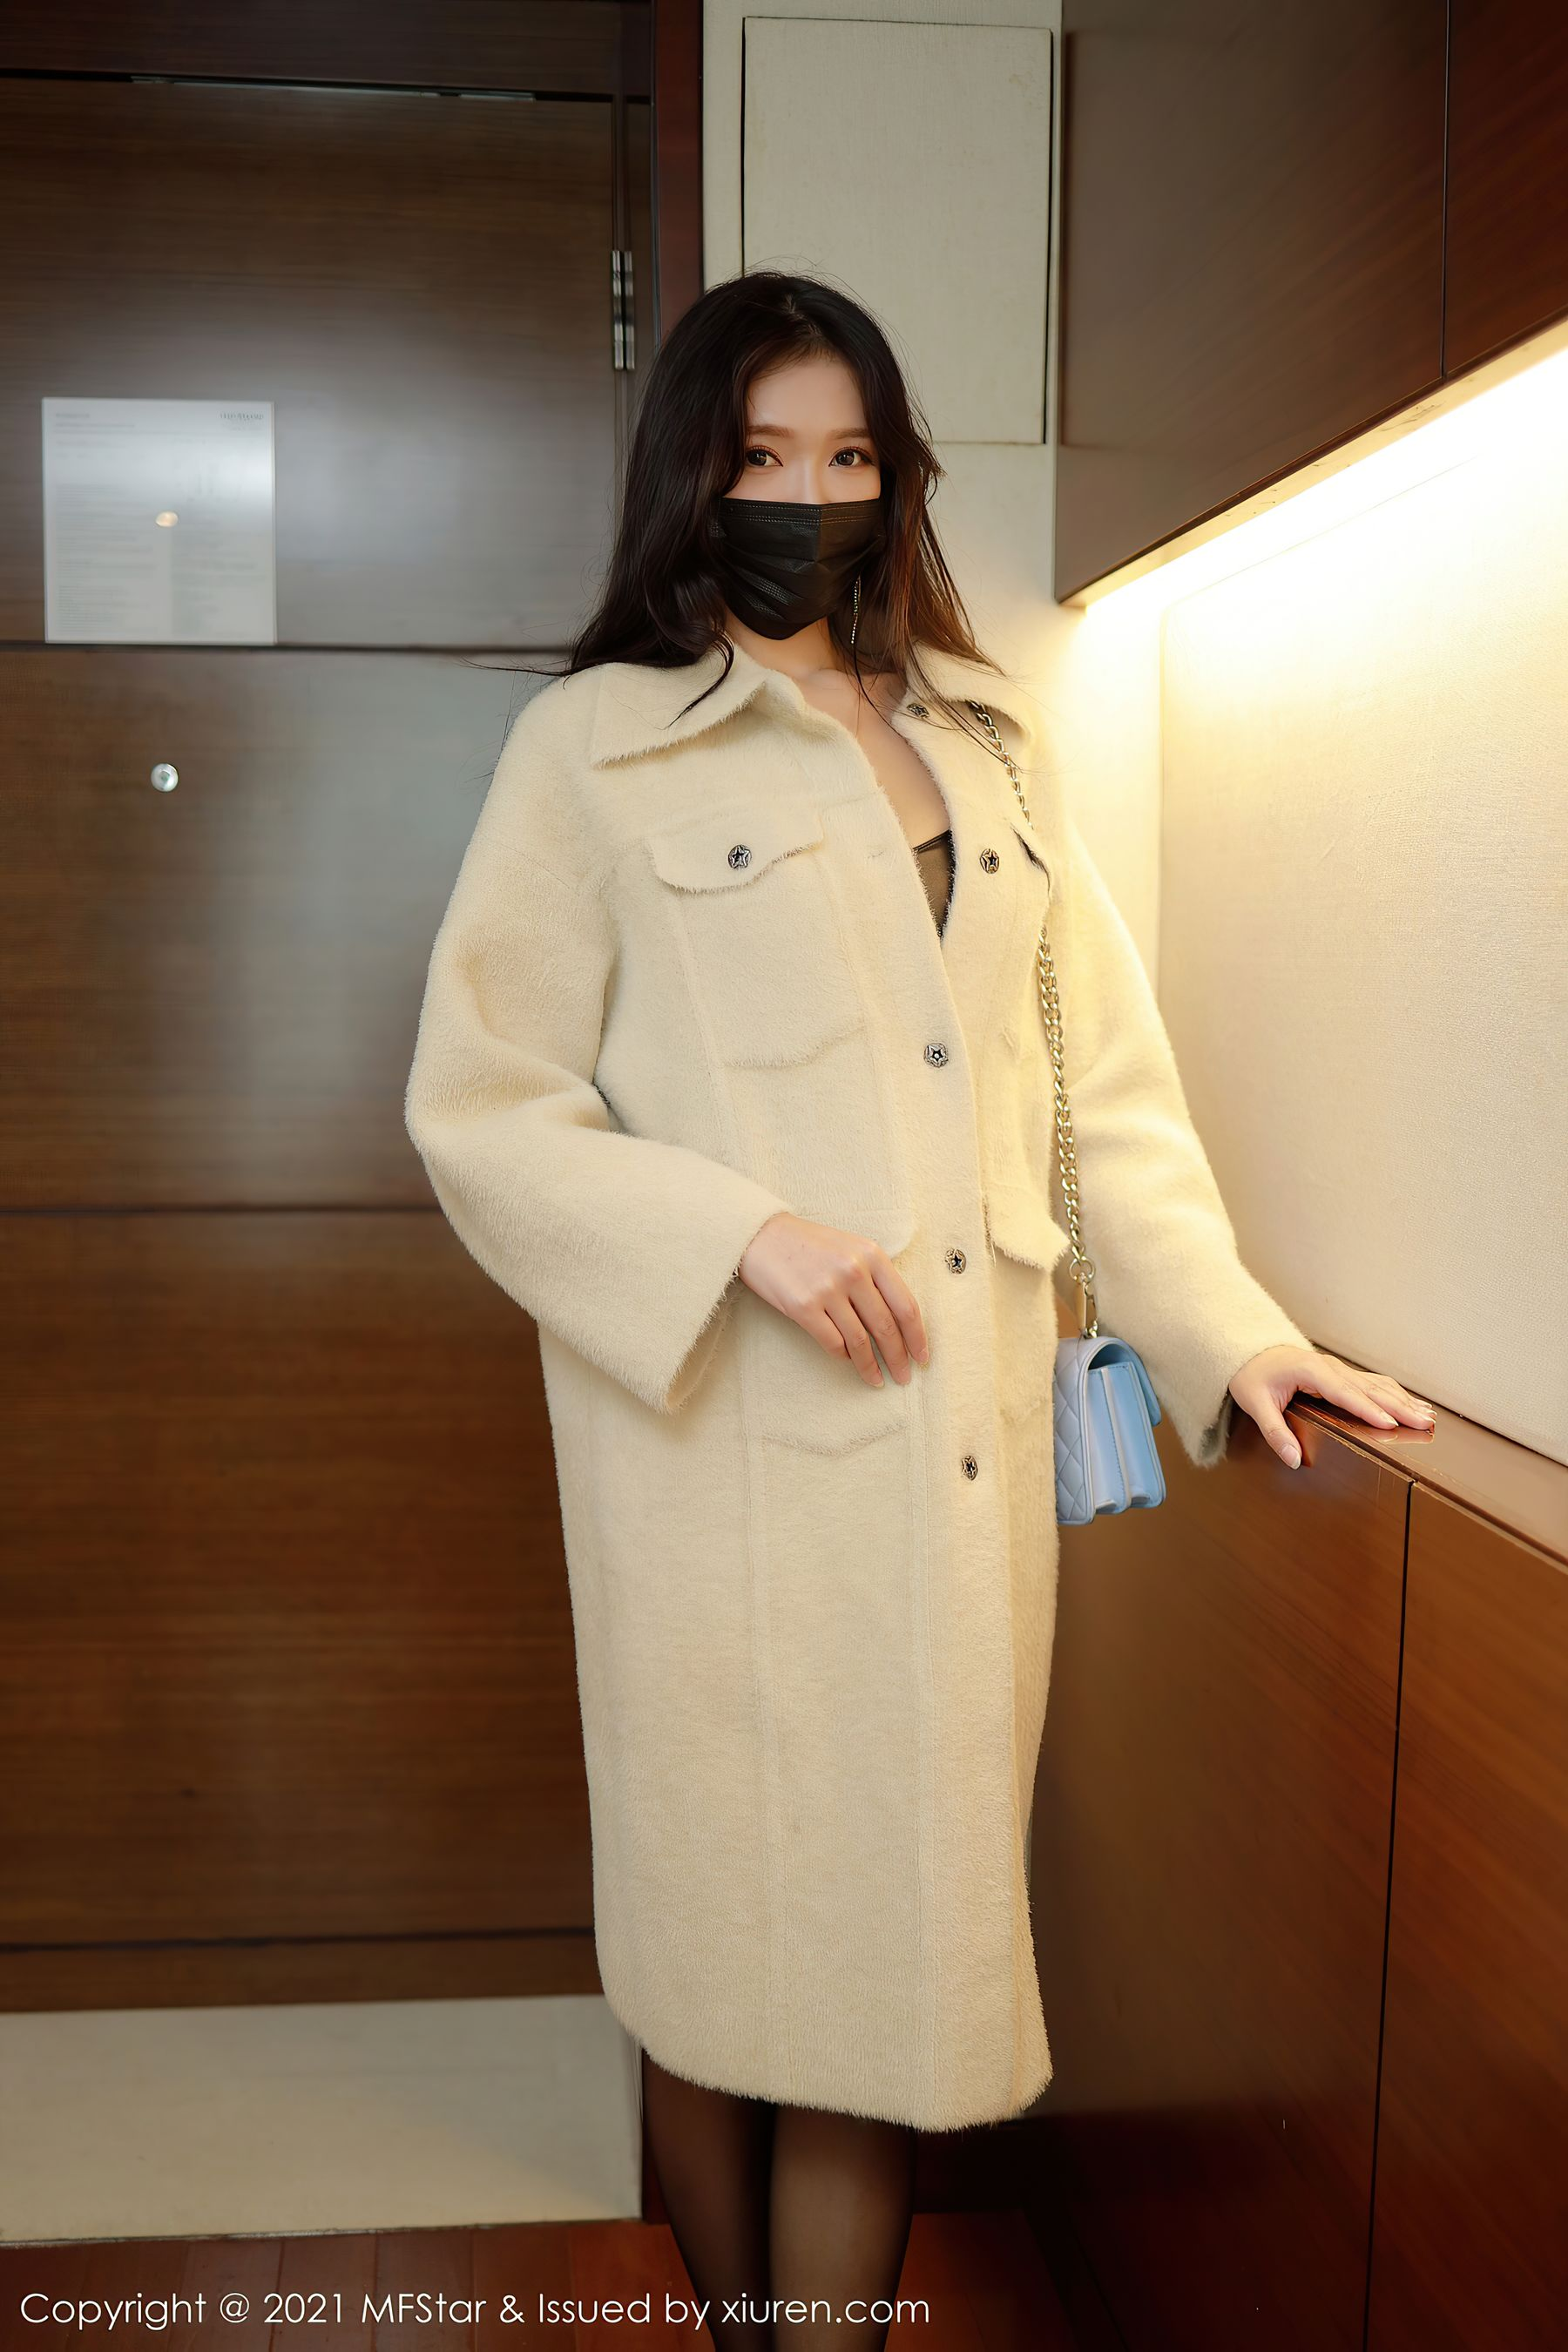 VOL.1900 [模范学院]丝袜少妇:小娜比(模特小娜比)超高清写真套图(44P)